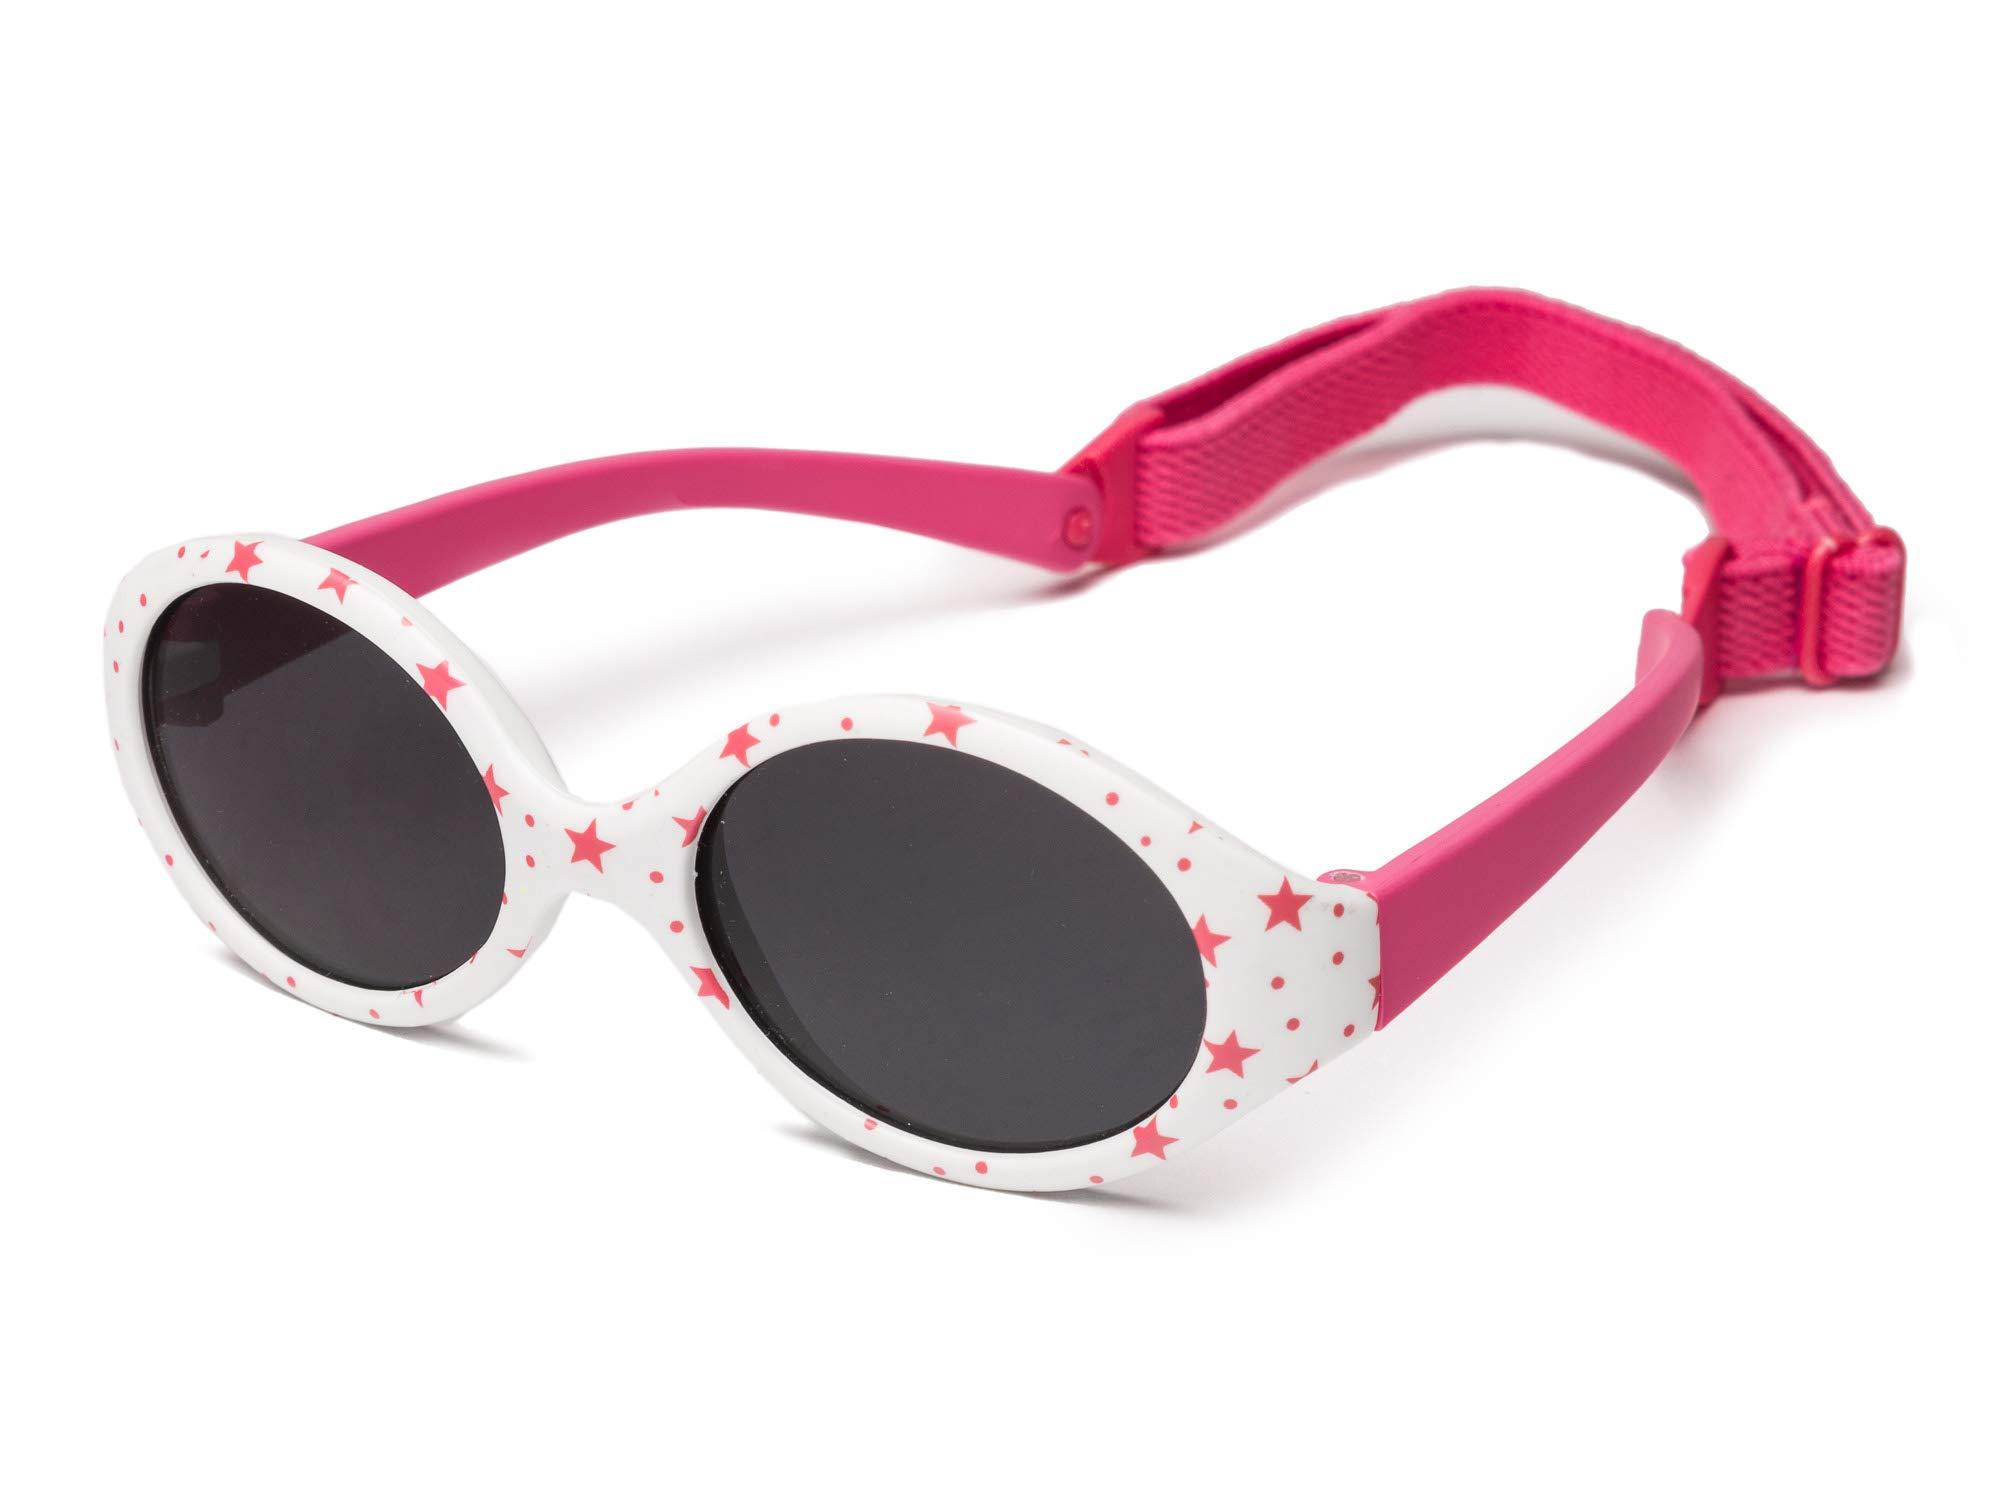 da2bee2014 Kiddus Gafas de sol bebe para niños y niñas, TOTALMENTE FLEXIBLES, a partir  de 6 meses, 100% protección rayos UVA y UVB, seguras, confortables y muy ...